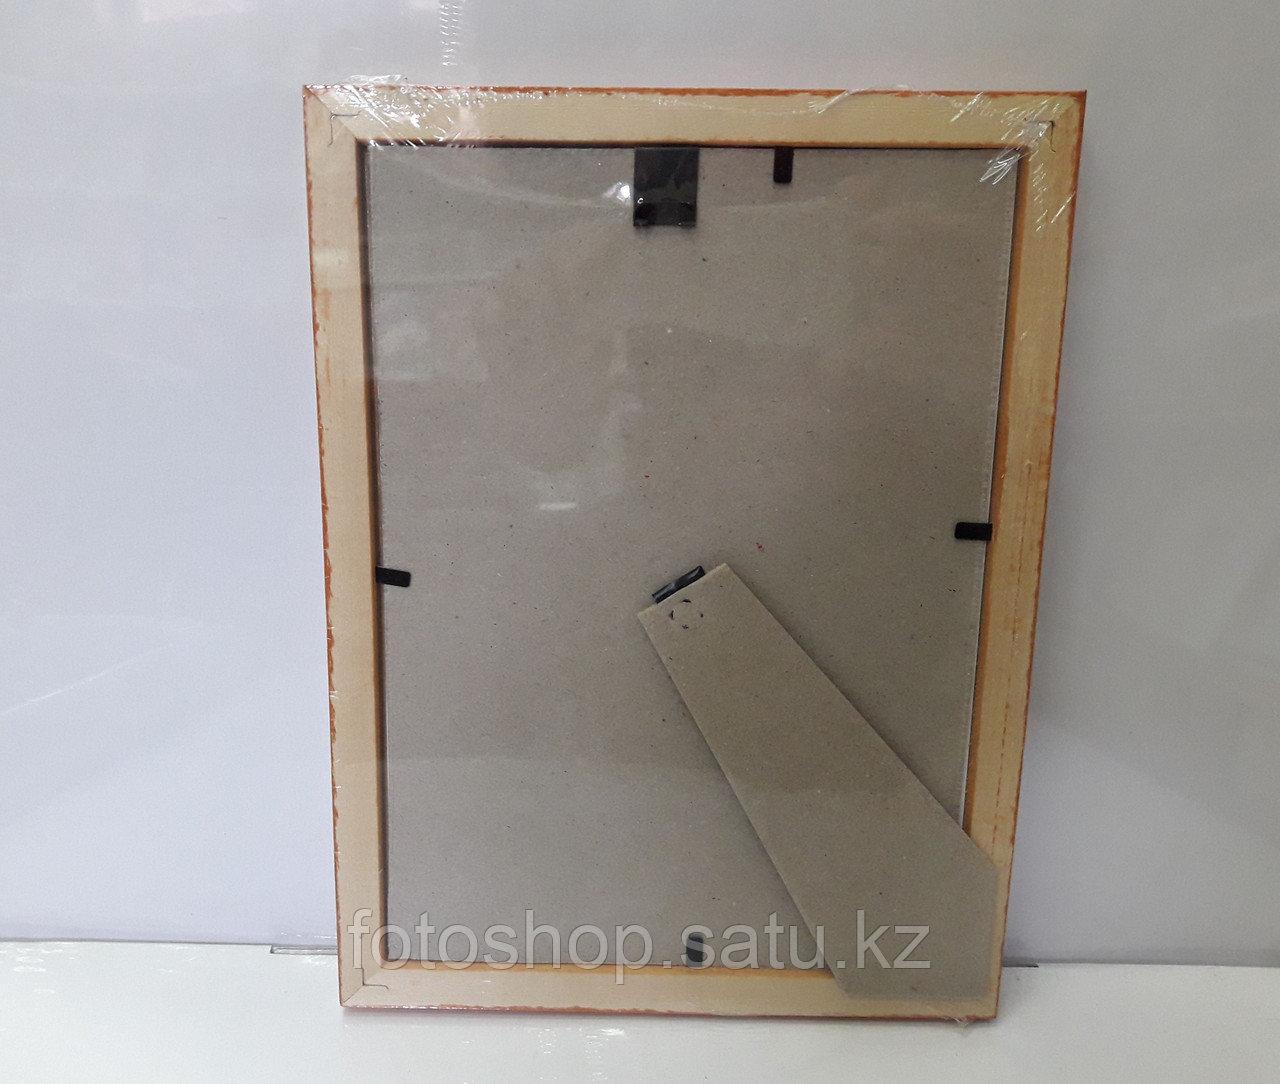 Фоторамка деревянная со стеклом 15*21 - фото 3